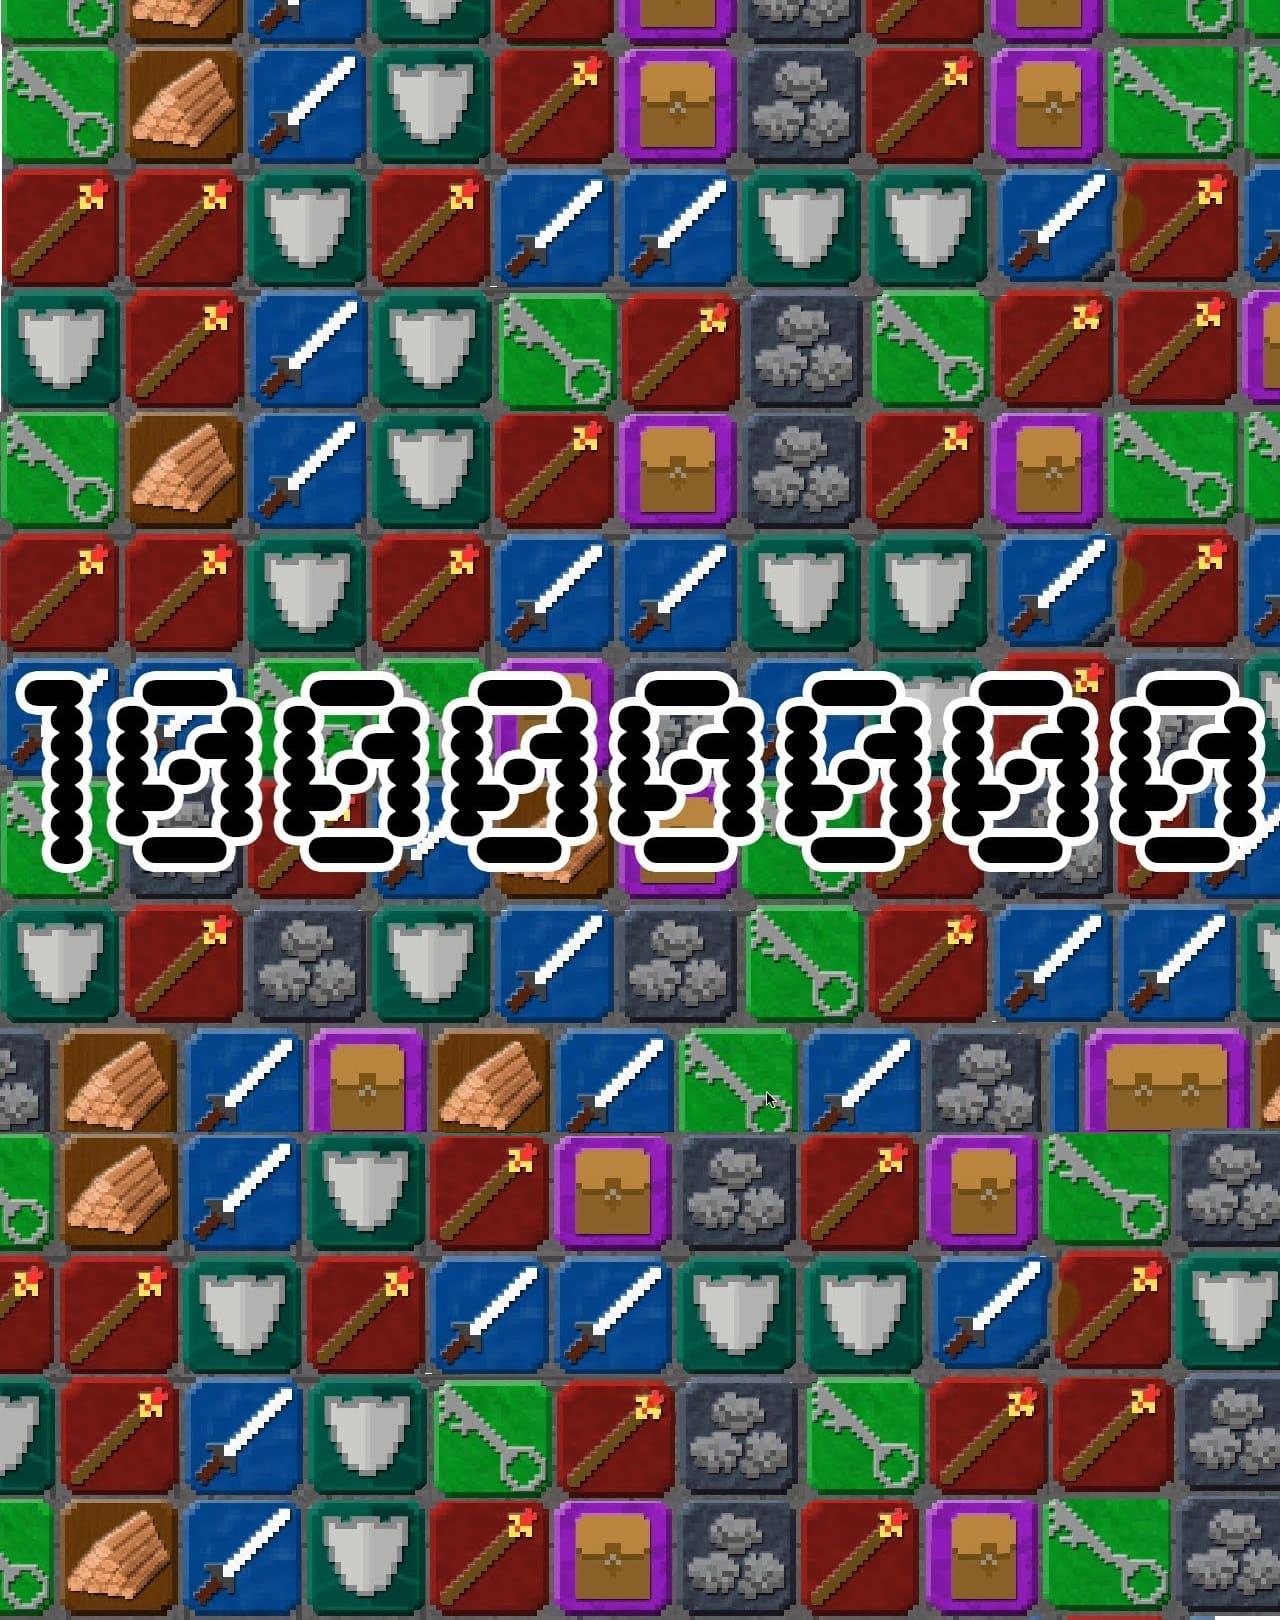 Обзор игры 10000000 (Ten Million)